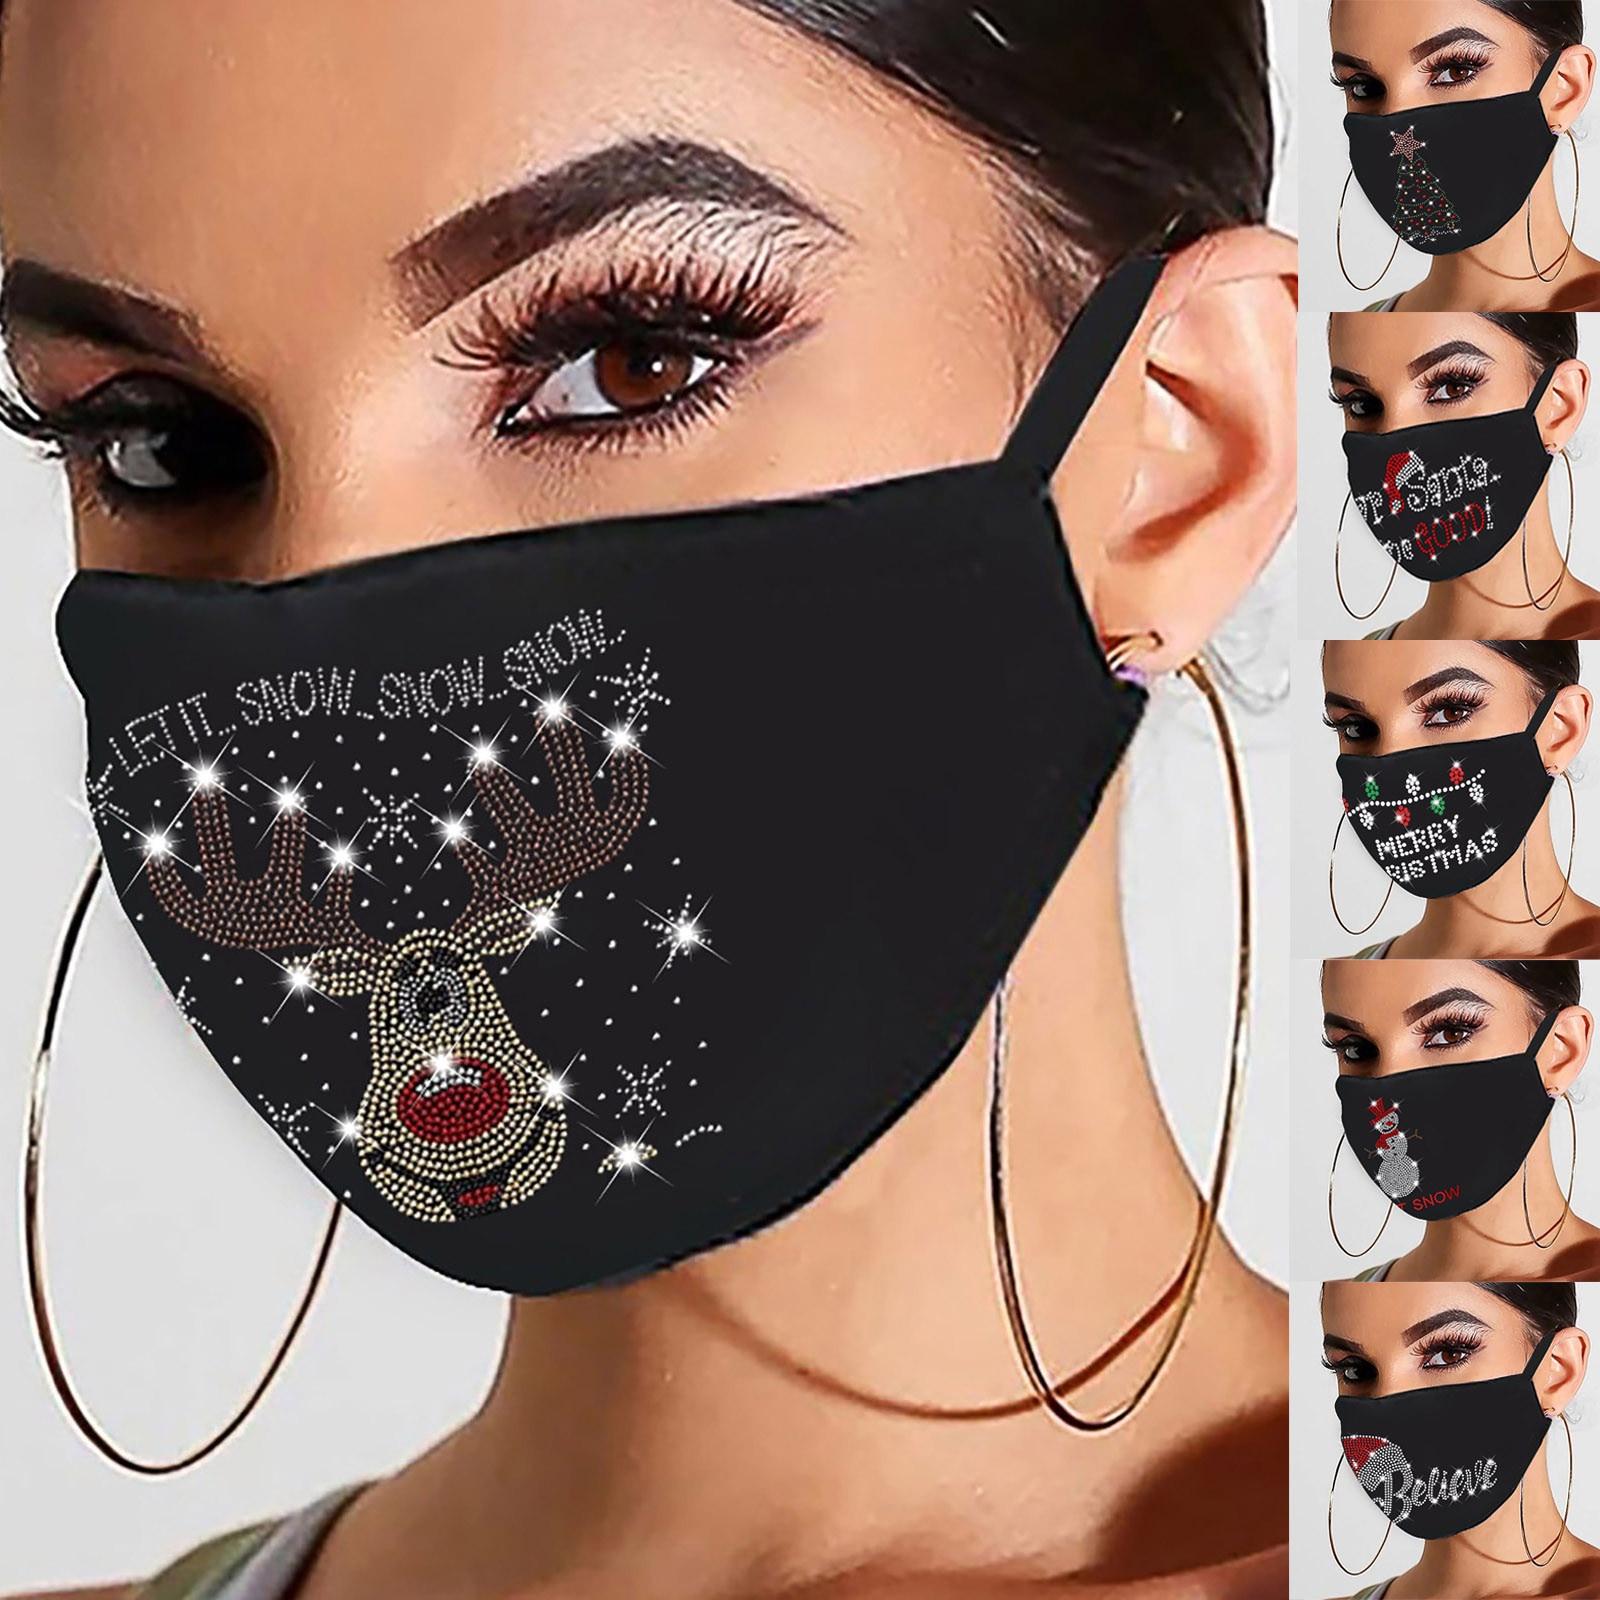 Маска для взрослых, модная Рождественская многоразовая маска-вспышка, дышащие уличные защитные шапочки для рта, Рождественское украшение